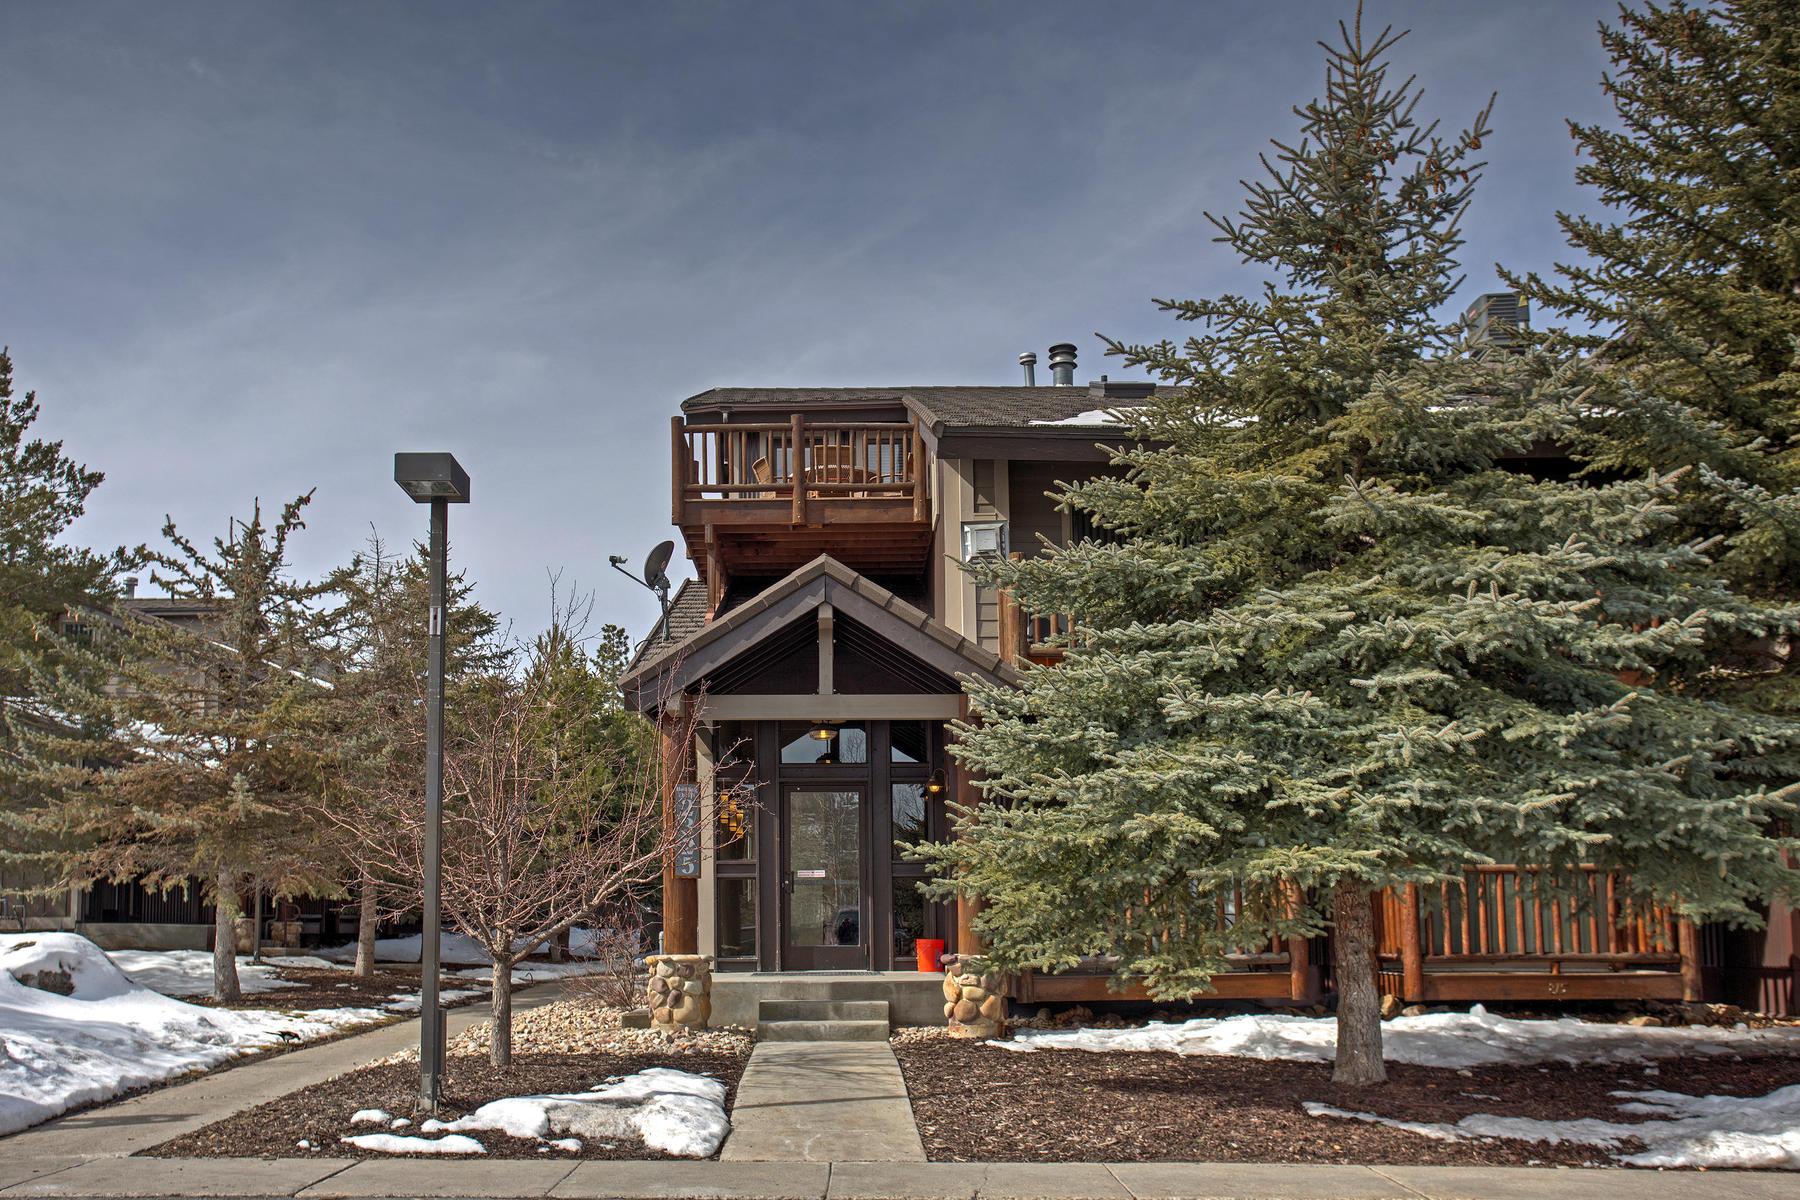 Nhà chung cư vì Bán tại Aggressively Priced 3 Bed Condo in Park City Proper 2325 Sidewinder Dr #837 Park City, Utah, 84060 Hoa Kỳ